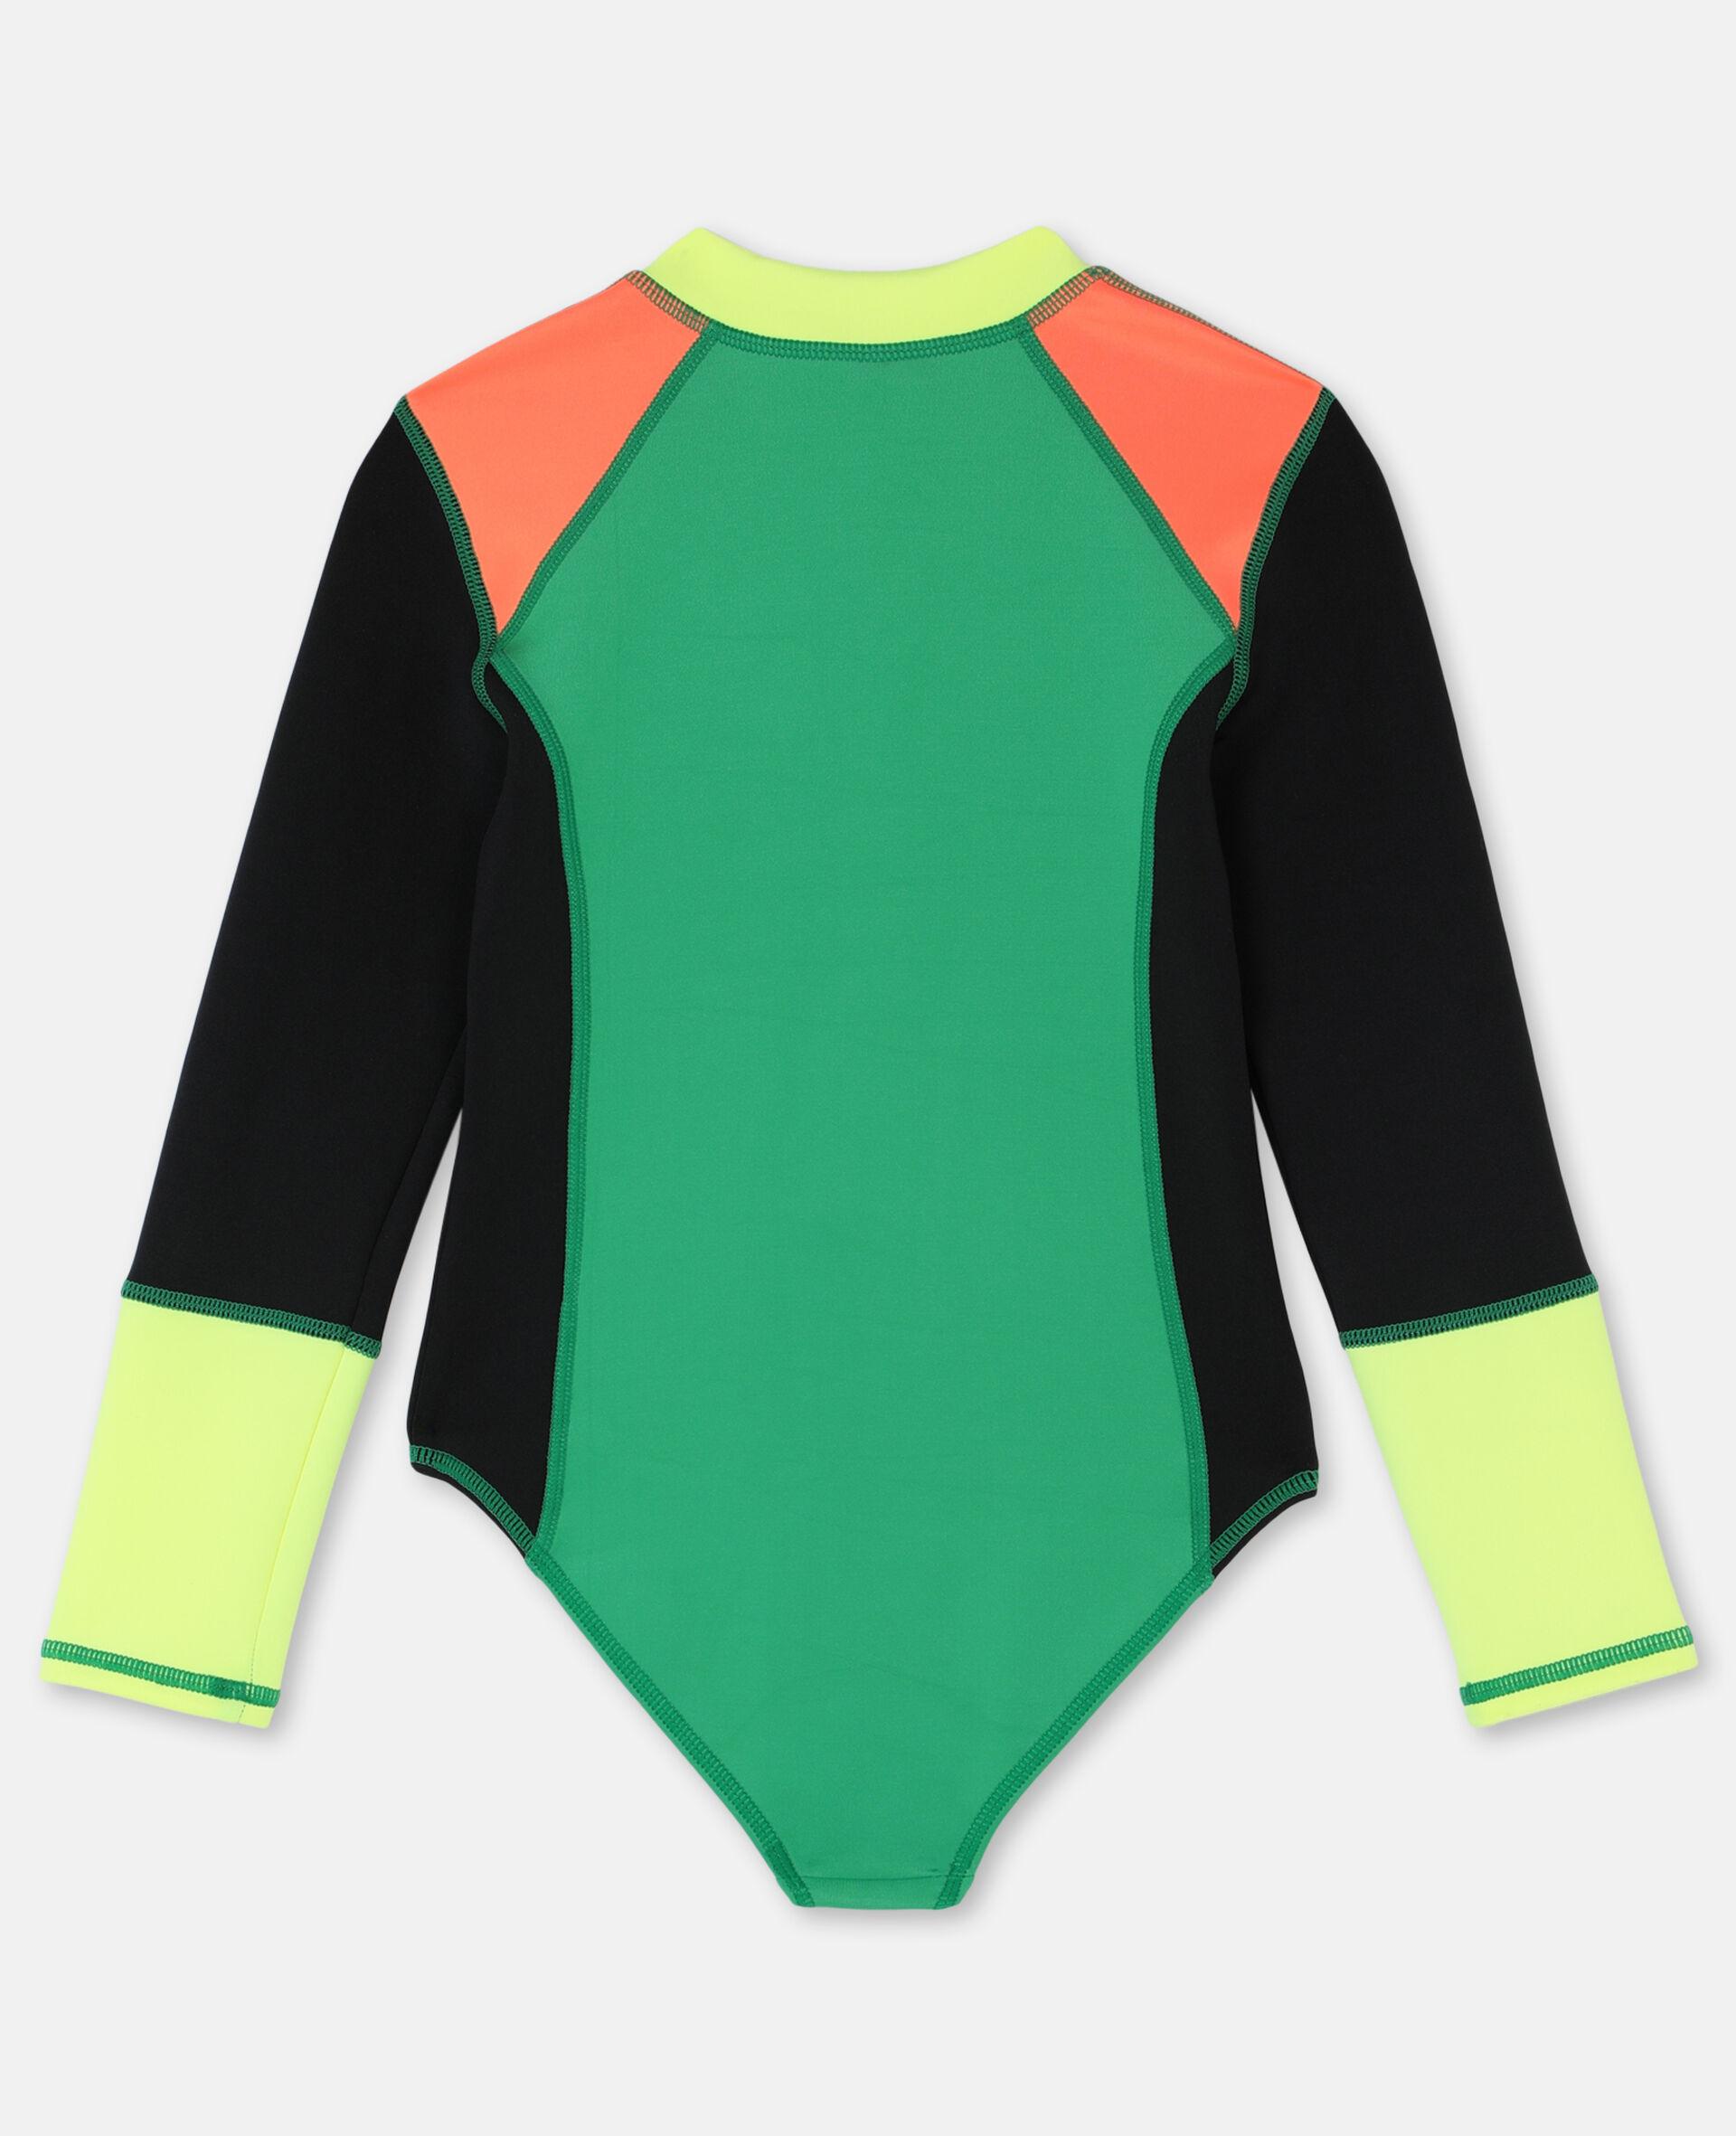 Multicolor Scuba Swimsuit-Multicoloured-large image number 4